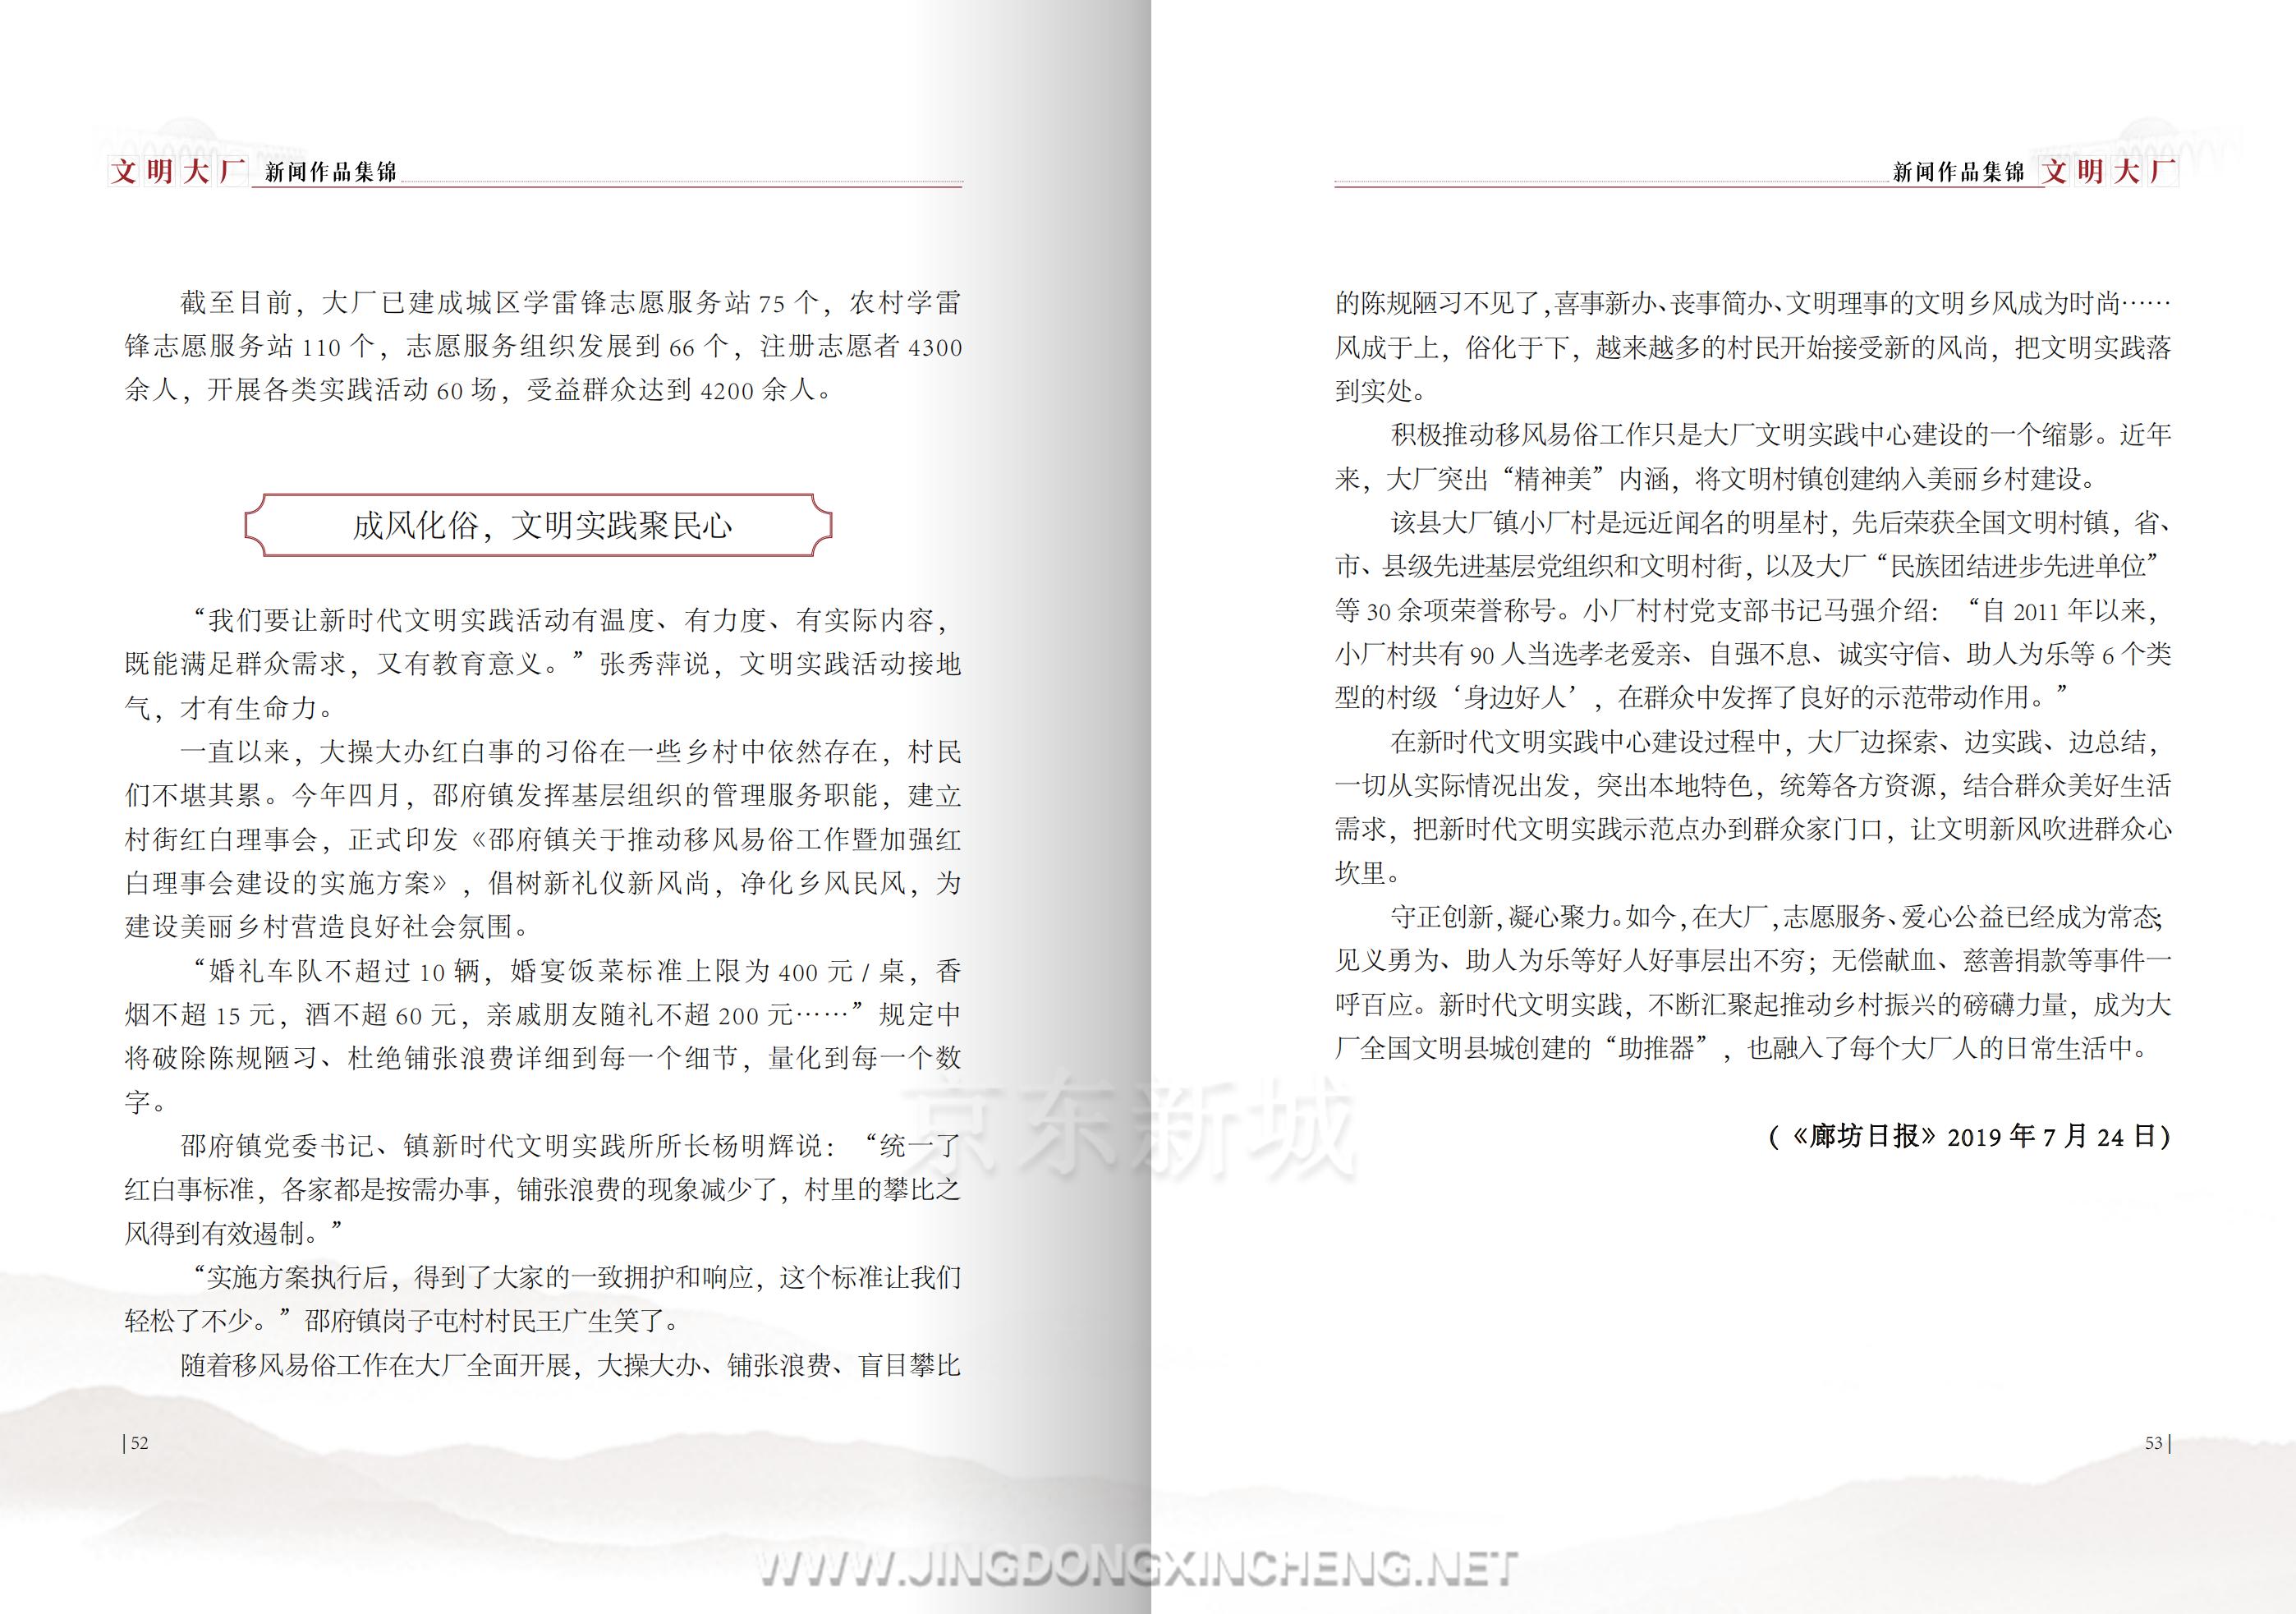 文明大厂书籍-定稿-上传版_30.png